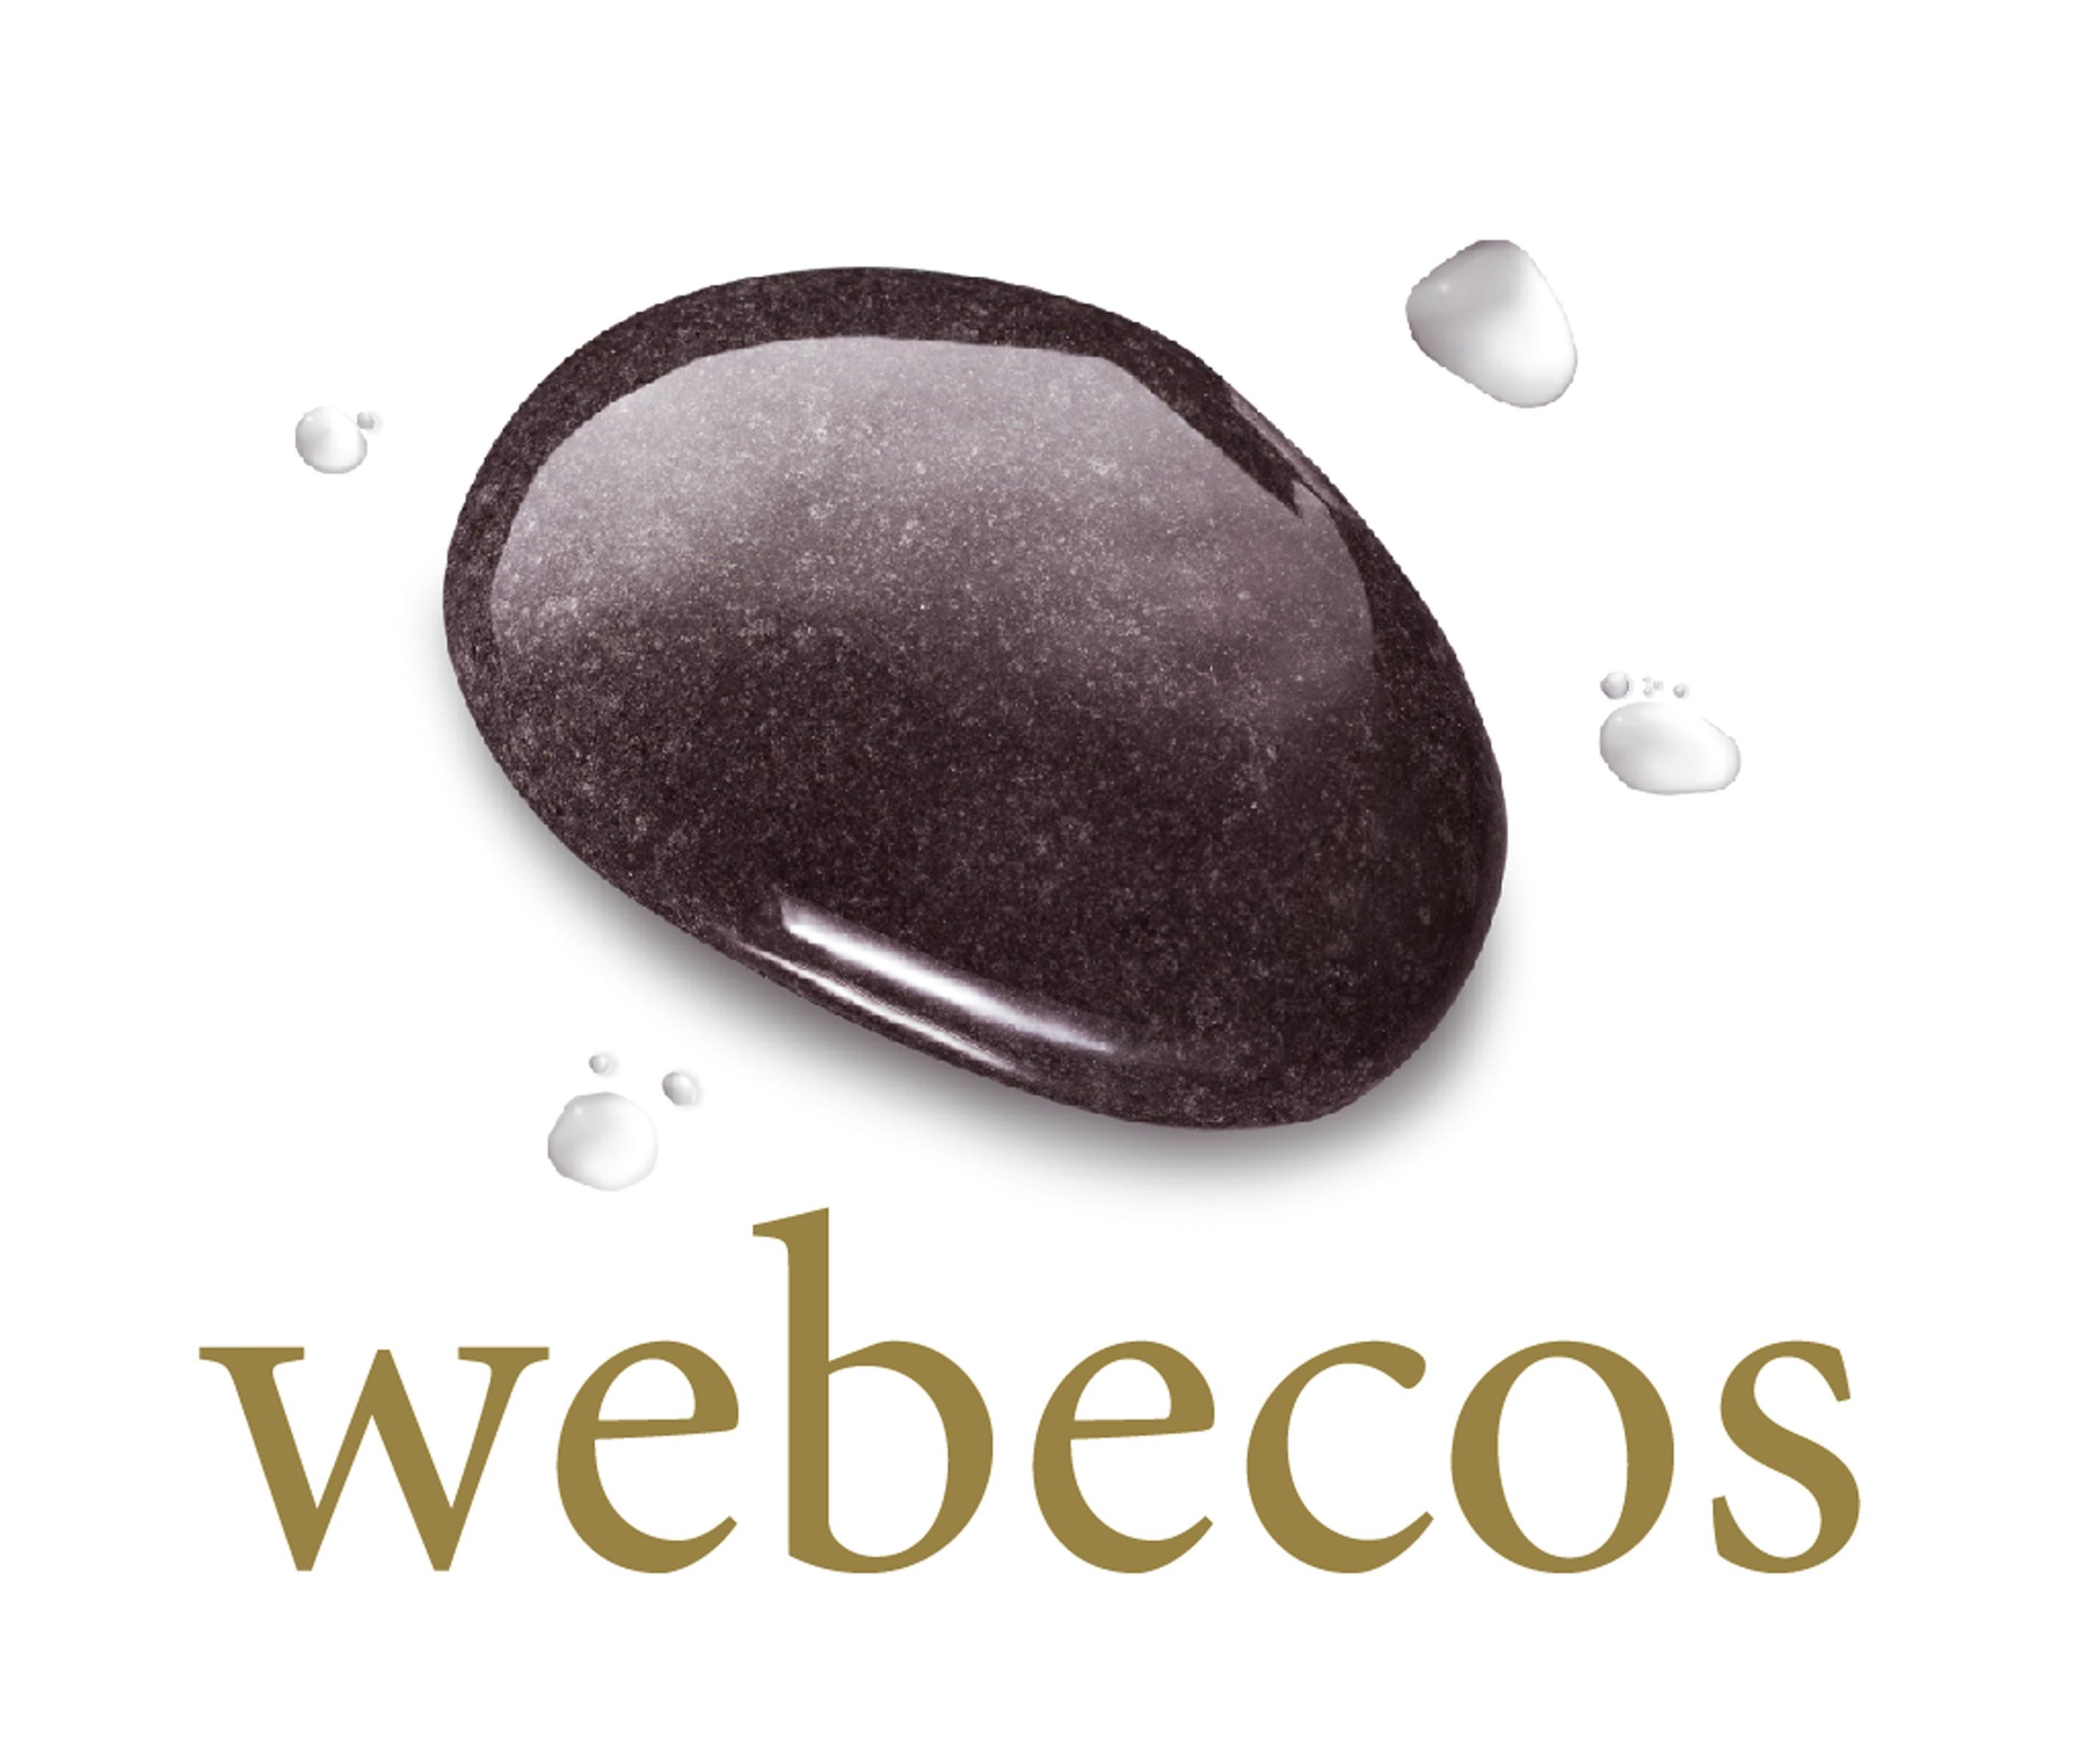 Afbeeldingsresultaten voor webecos logo